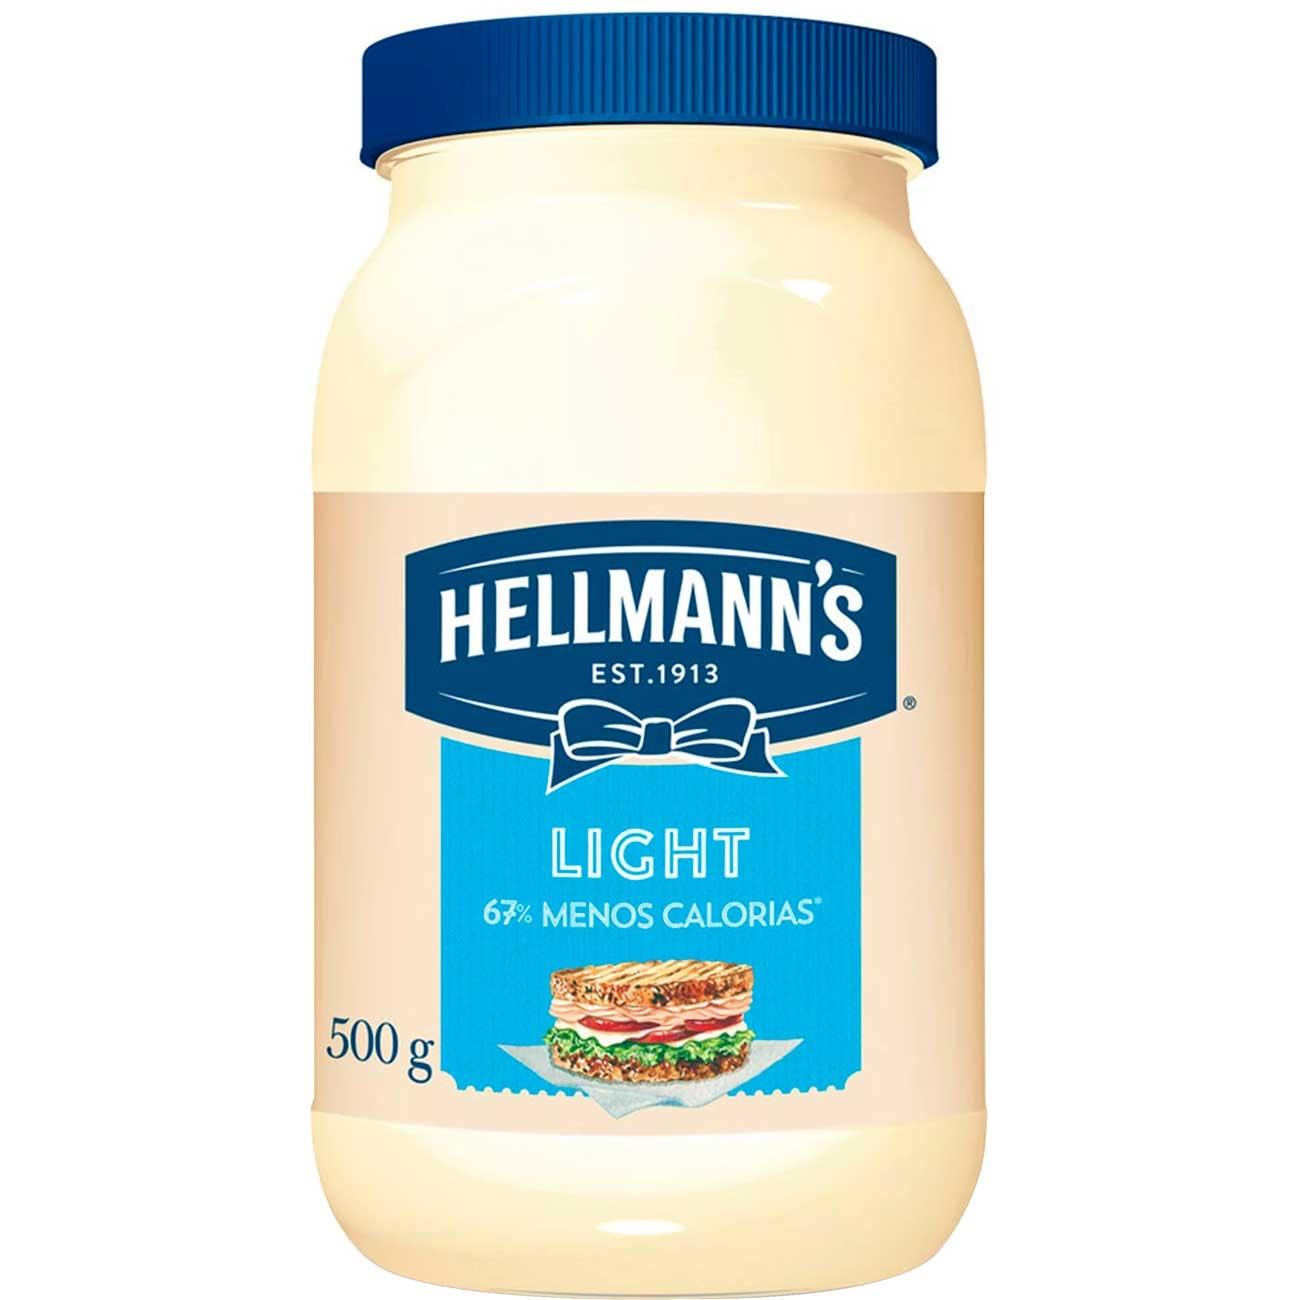 Maionese Light Hellmann's 500g